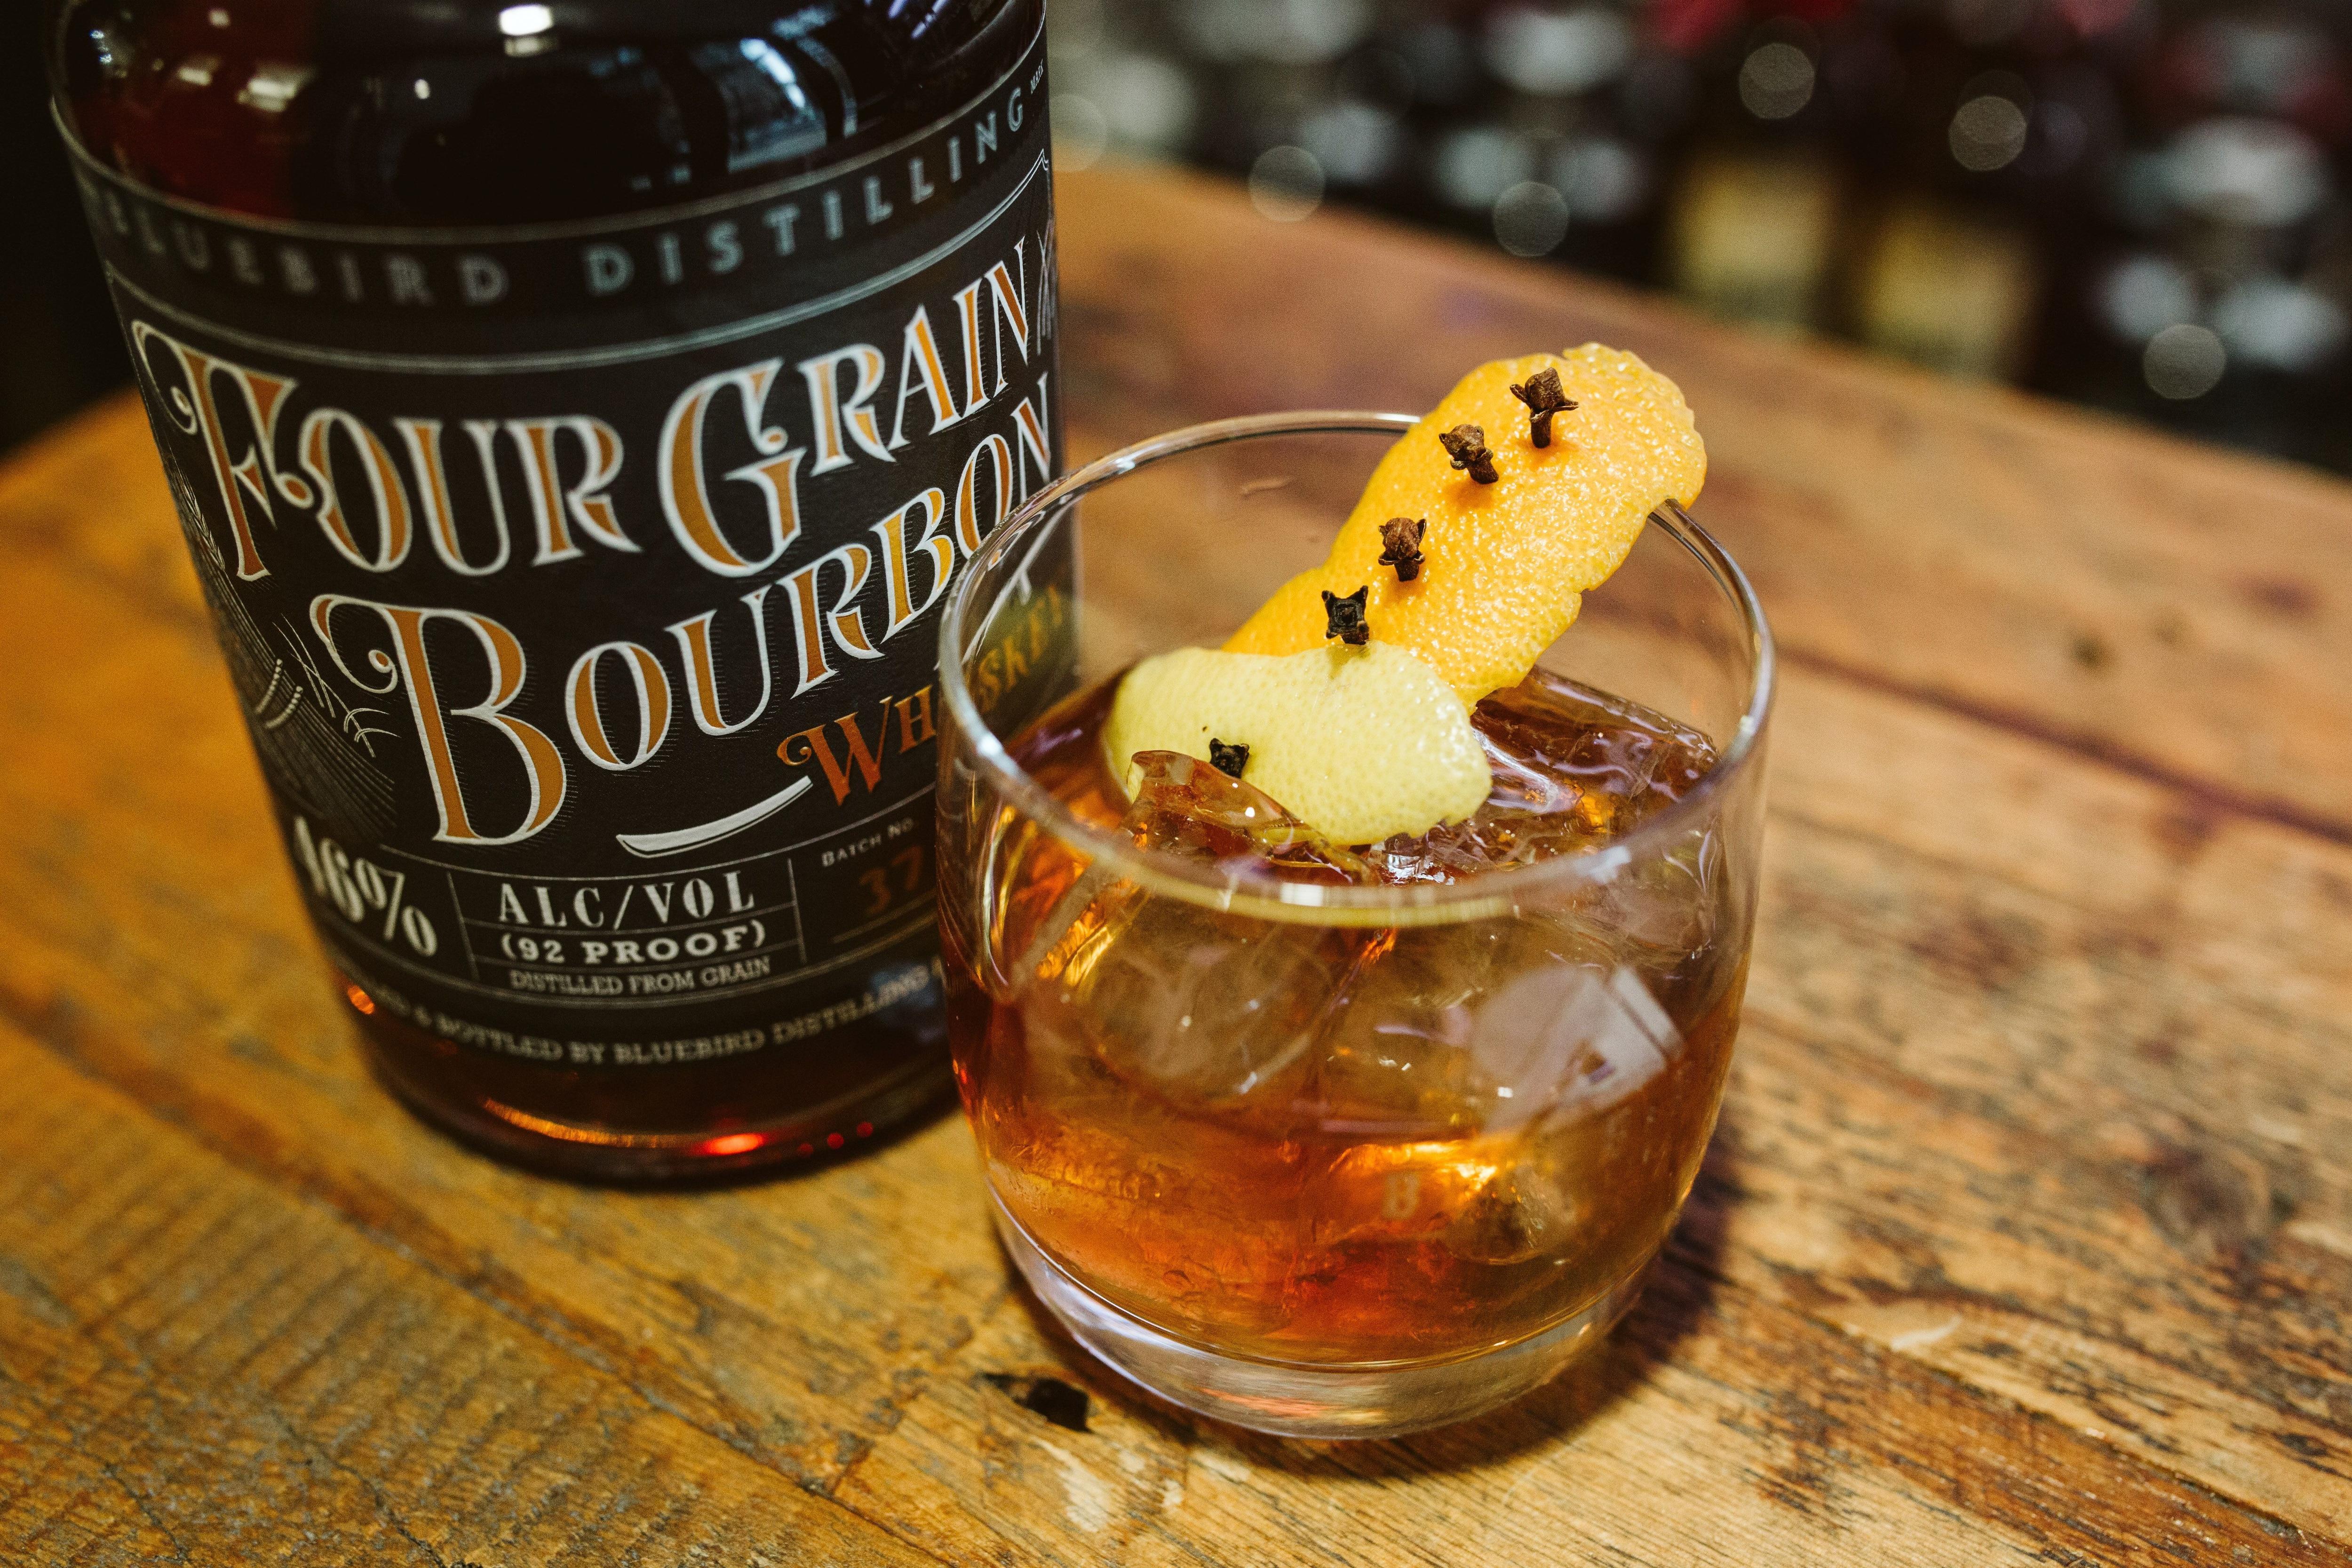 Winter Spiced Bourbon